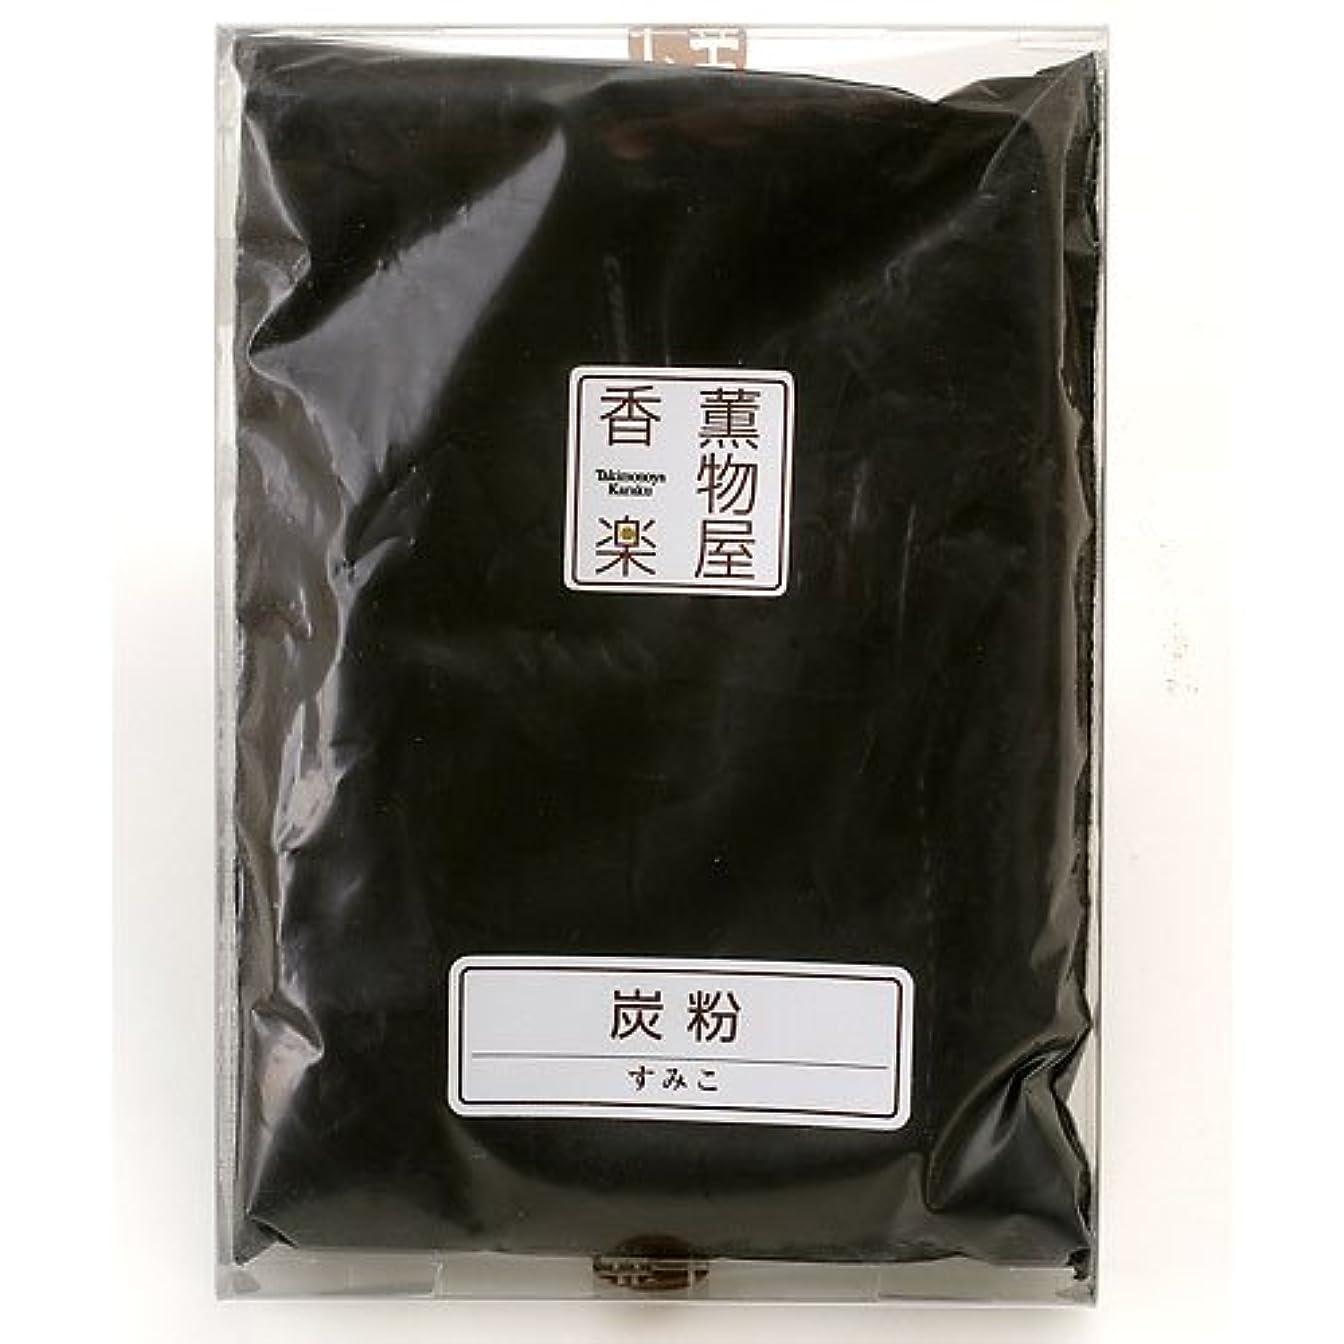 十年獣再編成する炭粉(着火/カビ防止) 線香?練香の材料